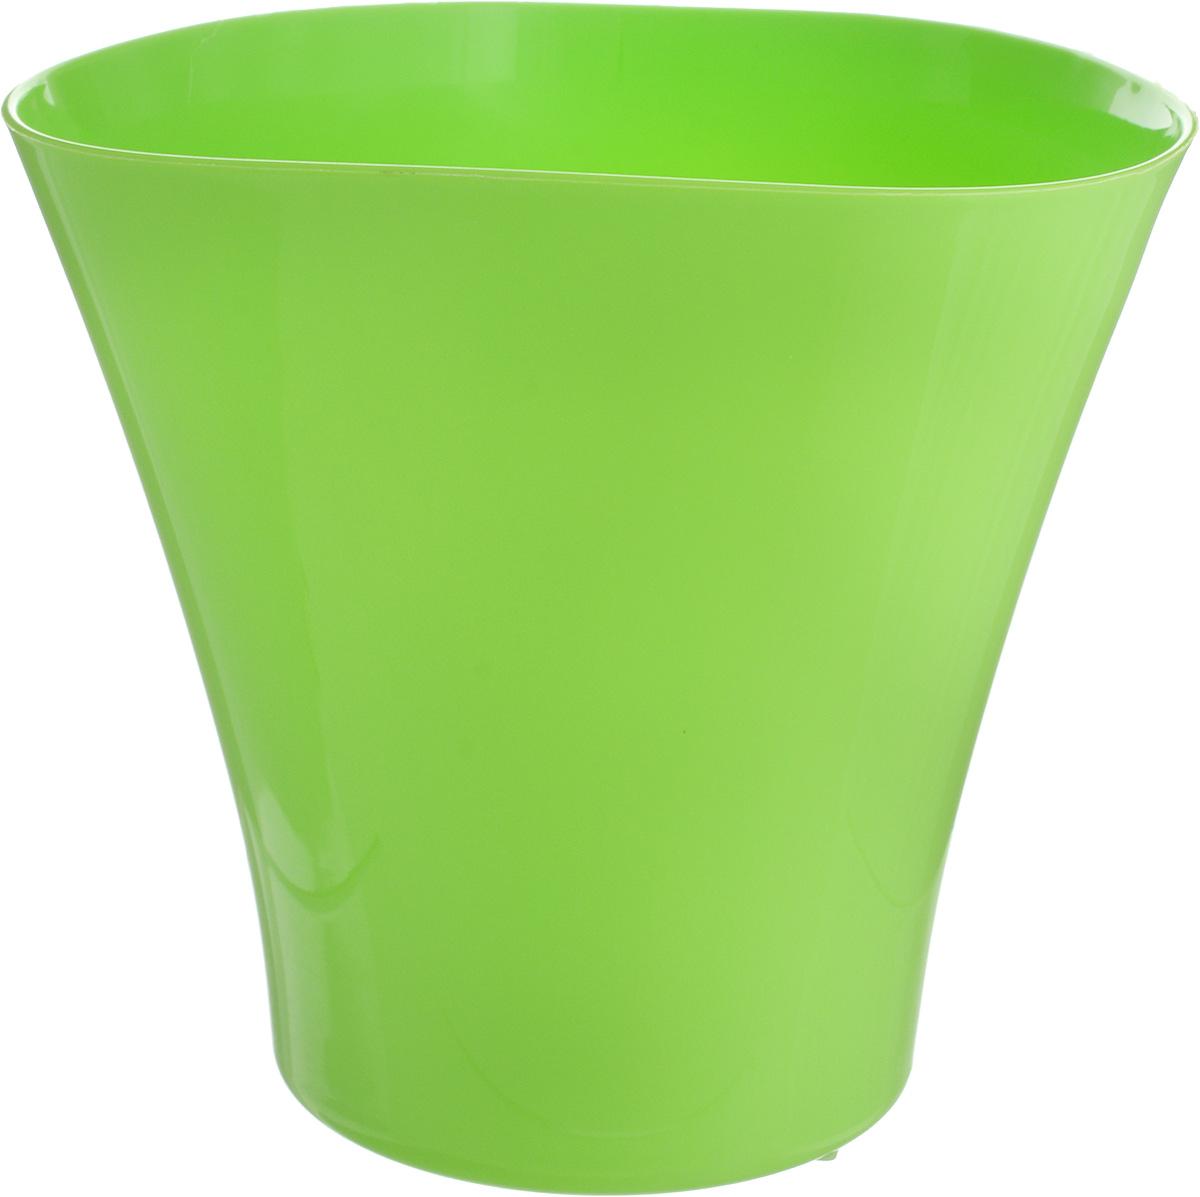 Кашпо JetPlast Волна, цвет: зеленый, 3 л4612754050567Кашпо Волна имеет уникальную форму, сочетающуюся как с классическим, так и с современным дизайном интерьера. Разнообразие цветов дает возможность подобрать кашпо именно под ваш стиль.Объем: 3 л.